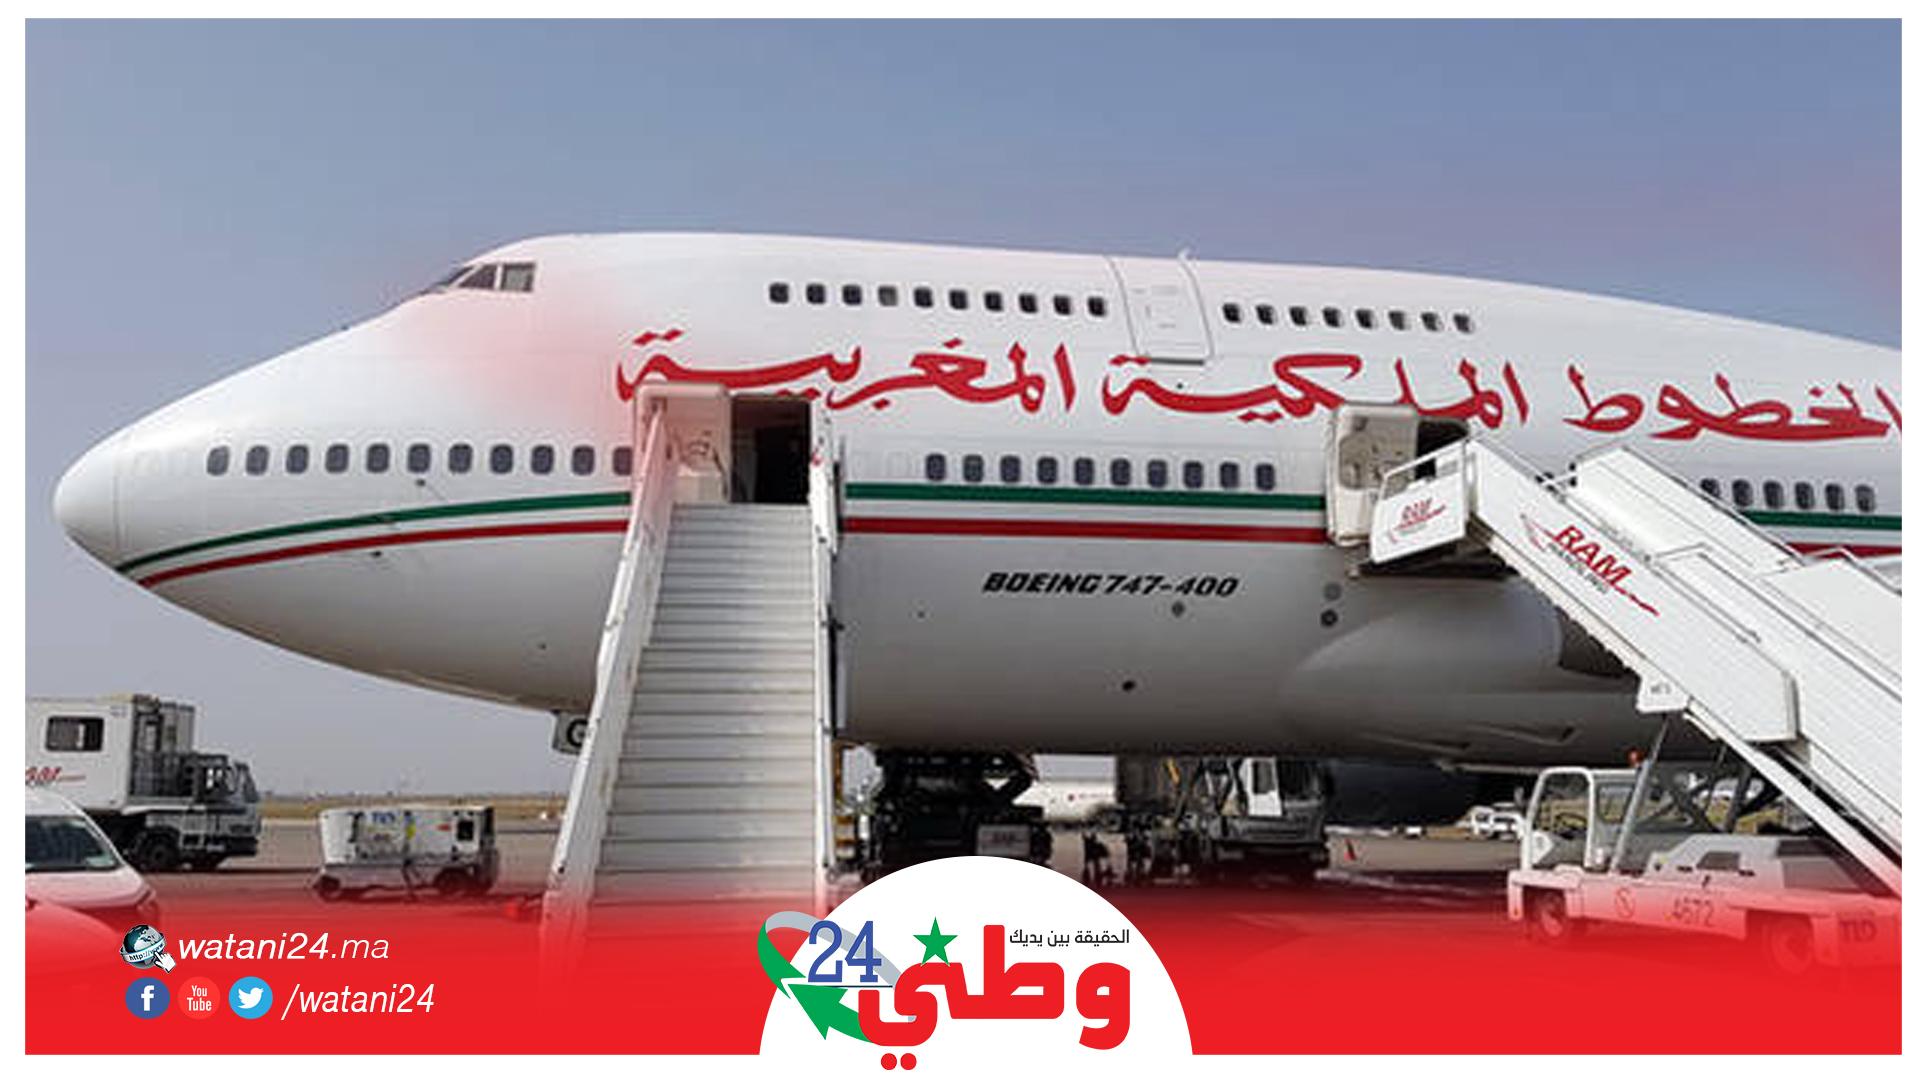 الخطوط الملكية المغربية تقترح عرضا يناهز 2.5 مليون مقعد